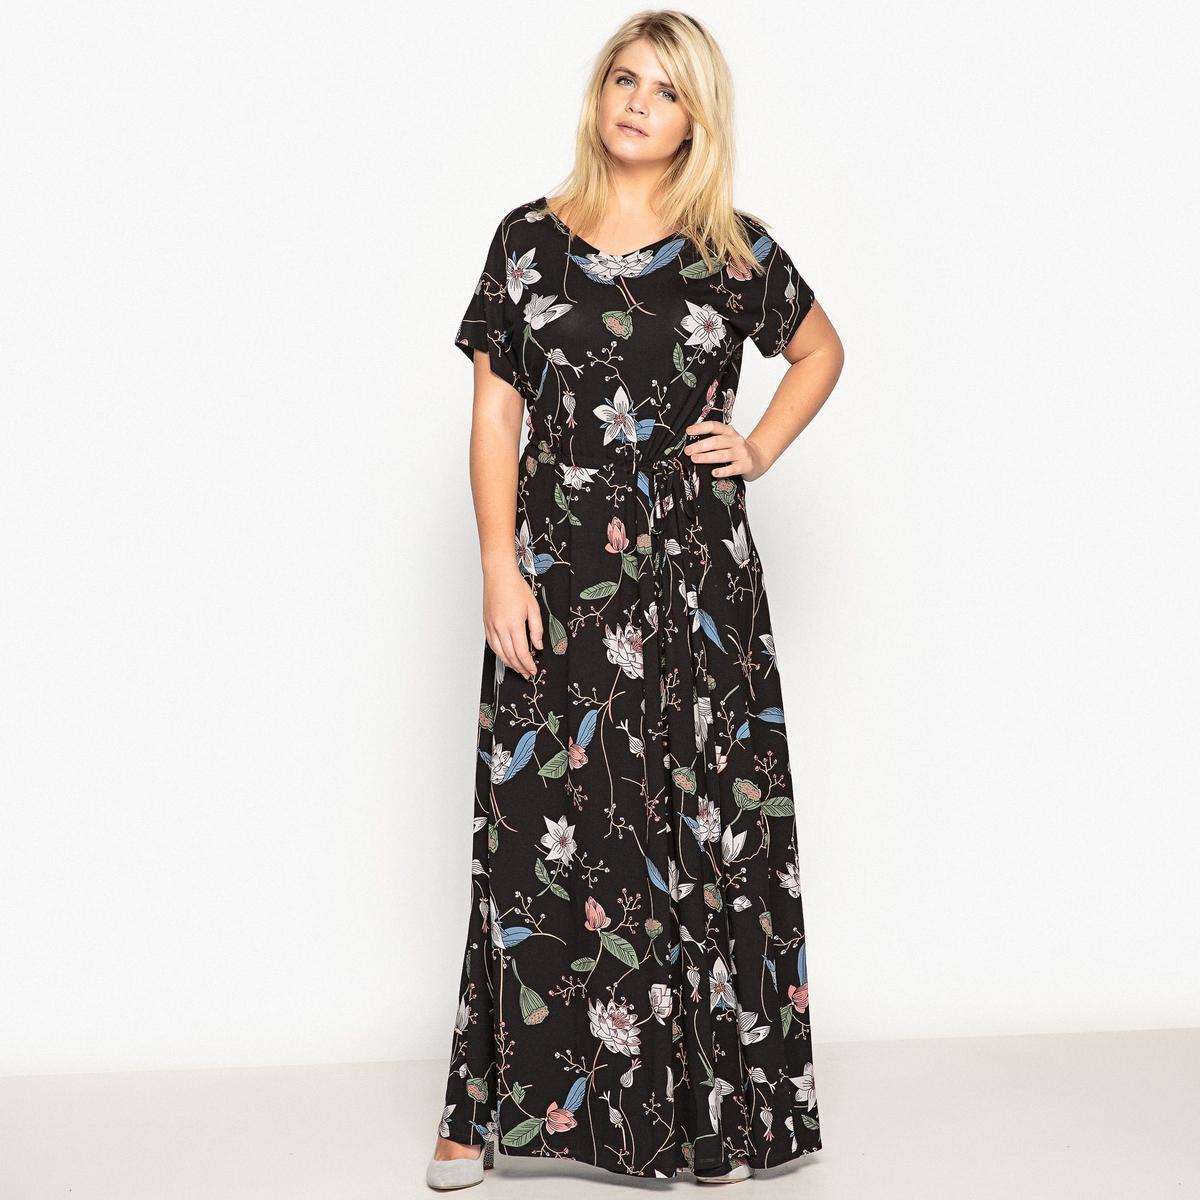 Платье прямое длинное с короткими рукавамиОчень современное длинное платье с цветочным принтом из трикотажа . Это длинное женственное платье с цветочным принтом можно надеть на любой случай .Детали •  Форма : прямая •  Длина ниже колен •  Короткие рукава    •   V-образный вырез •  Рисунок-принт •  Регулируемый пояс Состав и уход •  95% вискозы, 5% эластана •  Температура стирки при 30° на деликатном режиме   •  Сухая чистка и отбеливание запрещены •  Не использовать барабанную сушку •  Низкая температура глажкиТовар из коллекции больших размеров •  Модный цветочный рисунок •  Очень длинное •  Завязки на поясе  •  длина 140 см<br><br>Цвет: цветочный рисунок<br>Размер: 56 (FR) - 62 (RUS).46 (FR) - 52 (RUS)